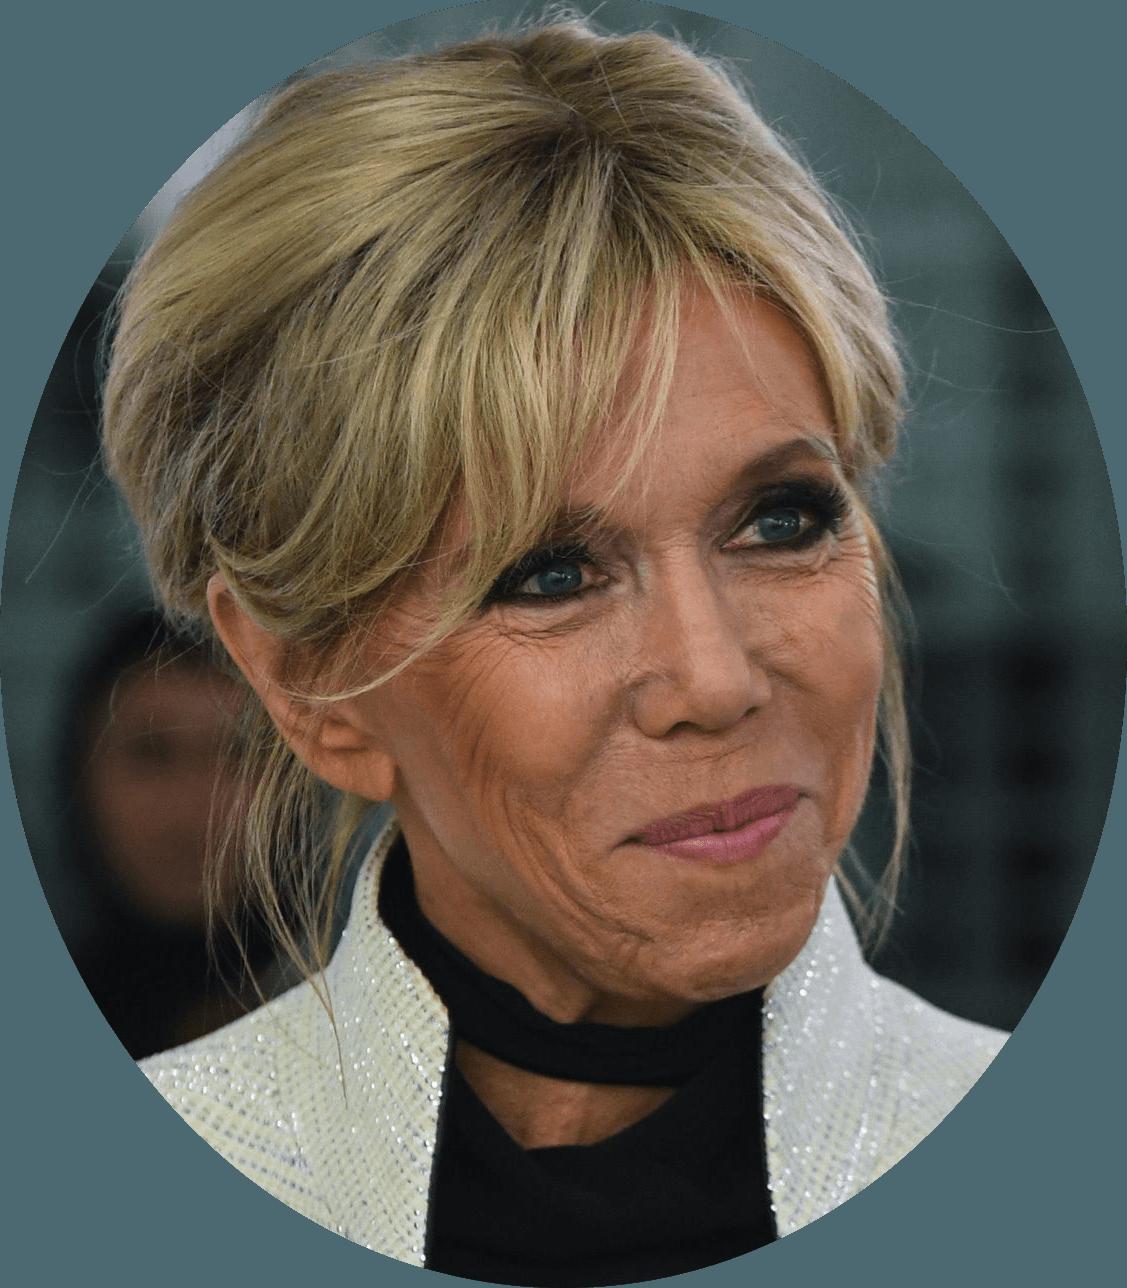 Portrait de la Première Dame Brigitte Macron